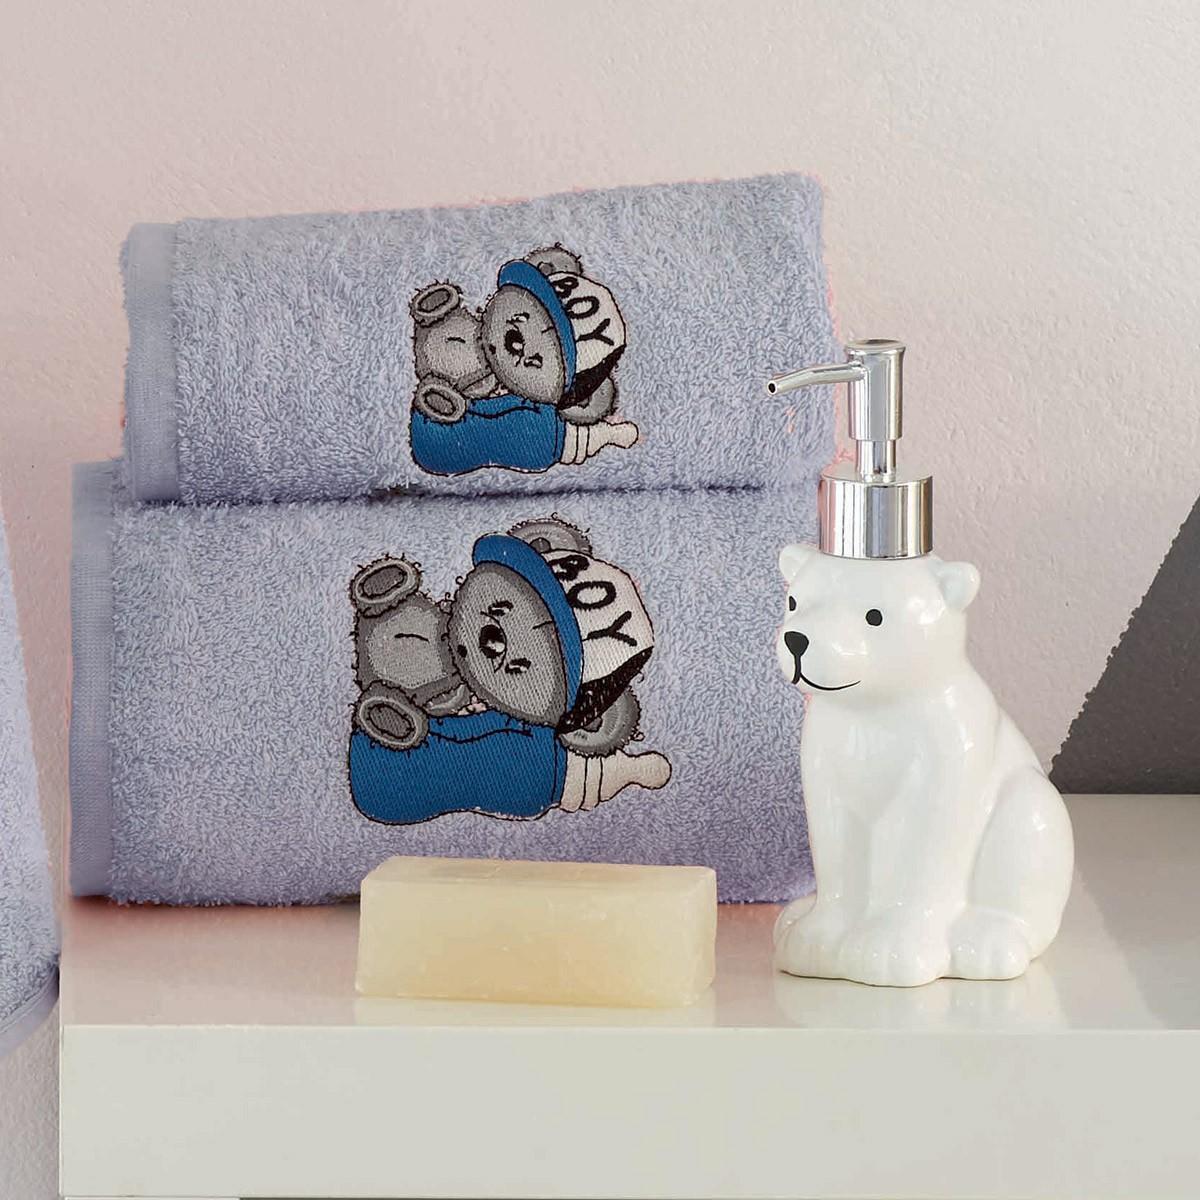 Βρεφικές Πετσέτες (Σετ 2τμχ) Makis Tselios BoyBear